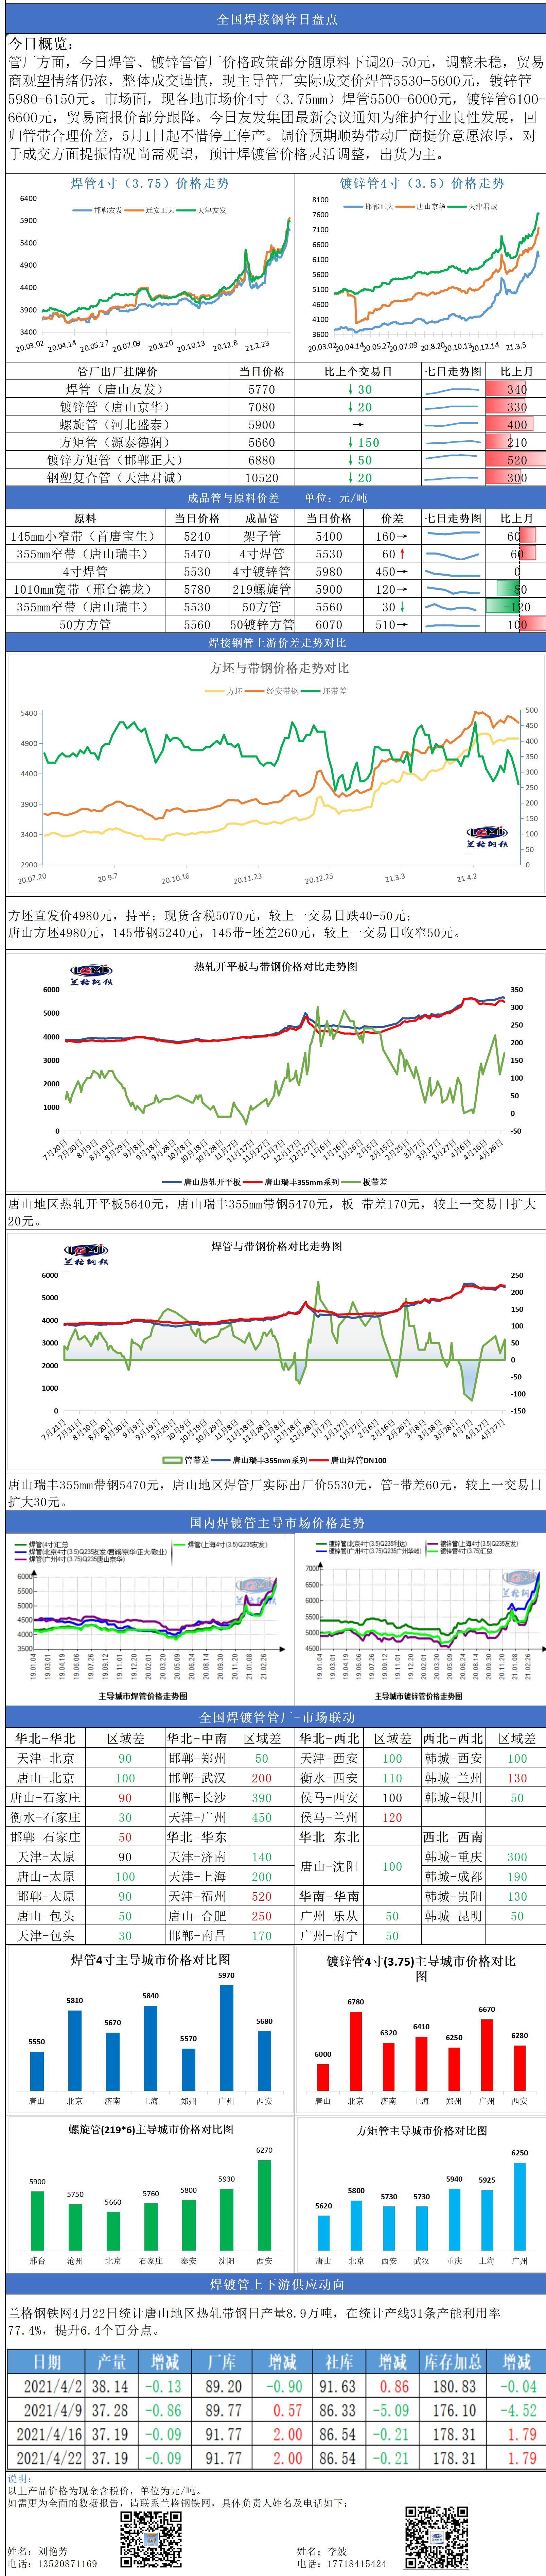 """兰格焊接钢管日盘点(4.28): 带头""""喊话""""涨价 焊镀管市场底部机会渐现"""